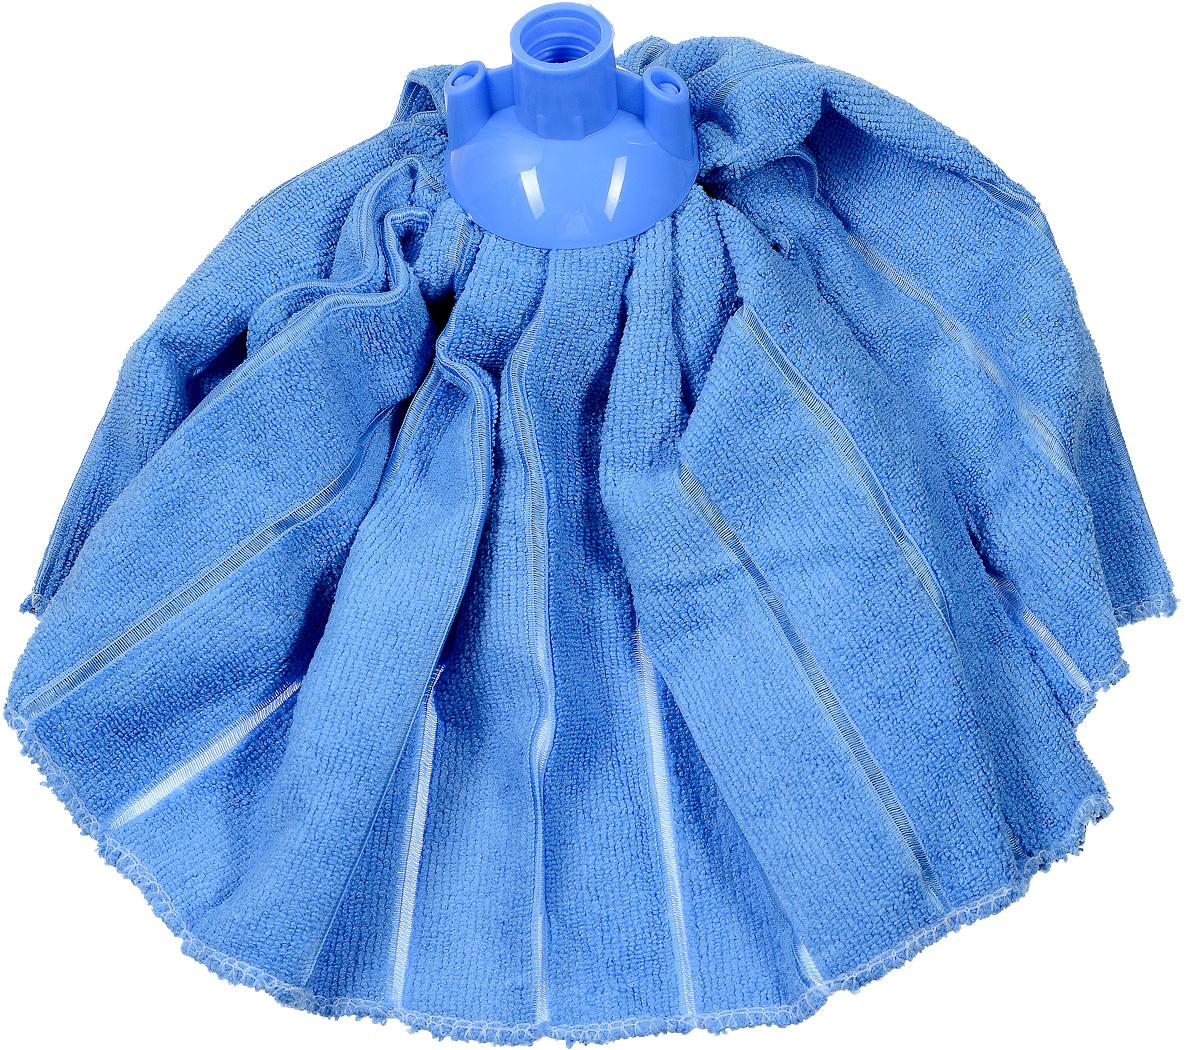 Насадка-юбка для швабры Home Queen, сменная, цвет: голубой58031Сменная насадка для швабры Home Queen изготовлена из микрофибры и пластика. Микрофибра обладает высокой износостойкостью, не царапает поверхности и отлично впитывает влагу. Насадка отлично удаляет большинство жирных и маслянистых загрязнений без использования химических веществ. Насадка идеально подходит для мытья всех типов напольных покрытий. Она не оставляет разводов и ворсинок. Сменная насадка для швабры Home Queen станет незаменимой в хозяйстве. Длина: 32 см. Диаметр по нижнему краю: 46 см.